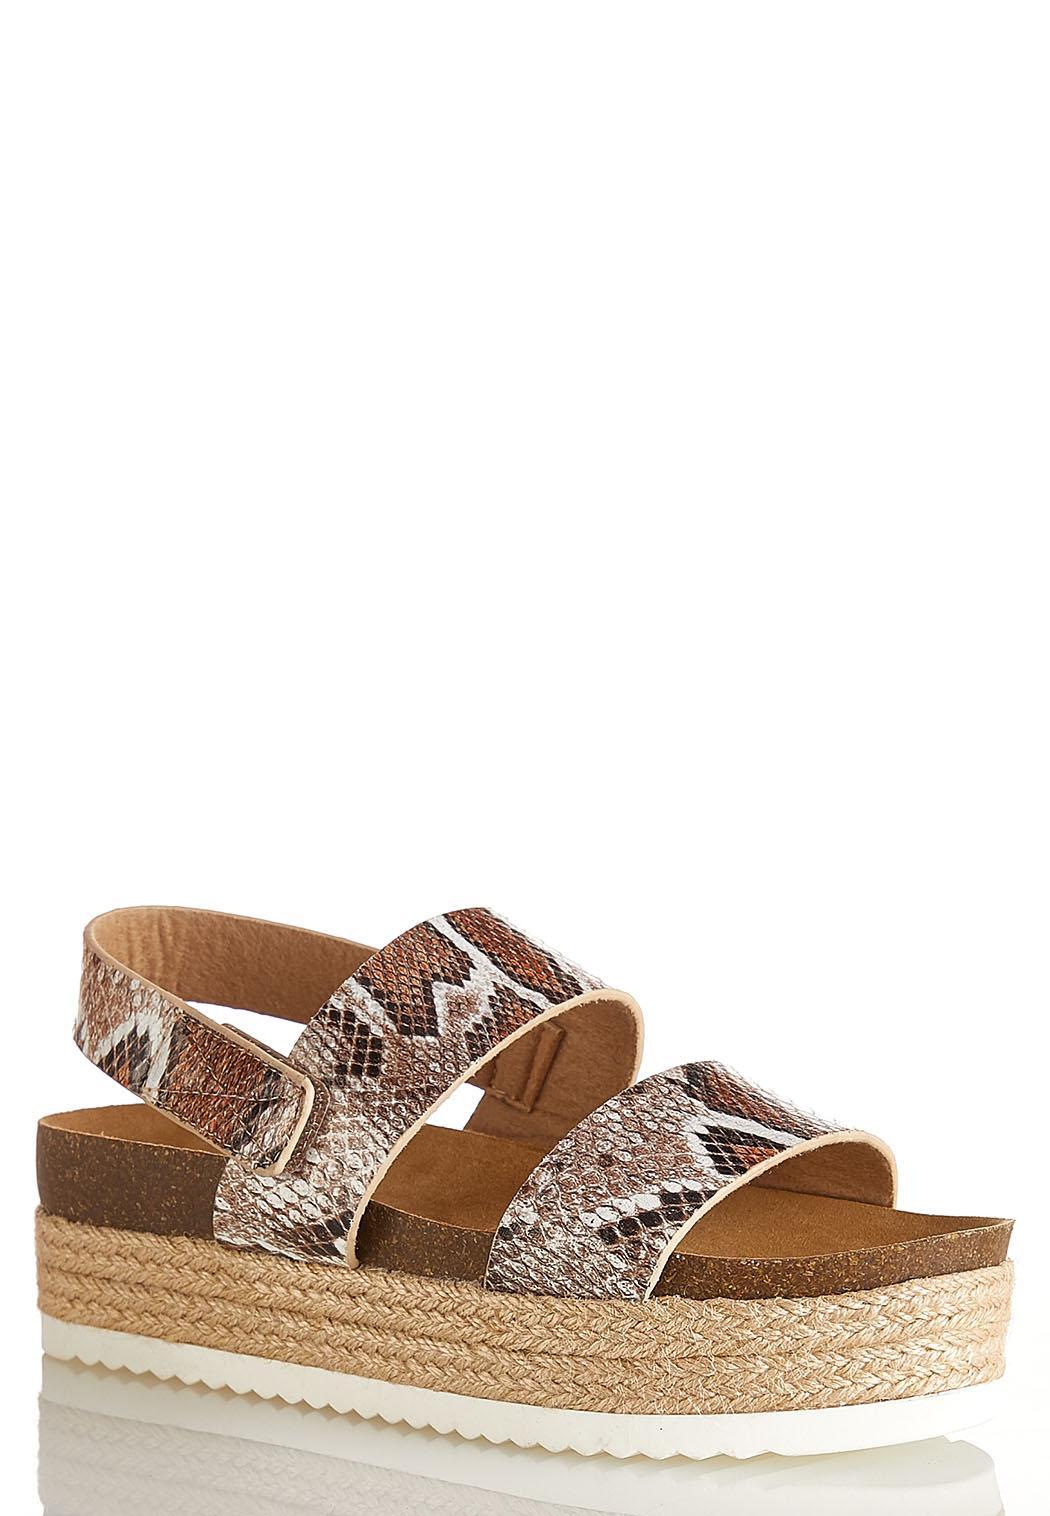 Snakeskin Roped Flatform Sandals